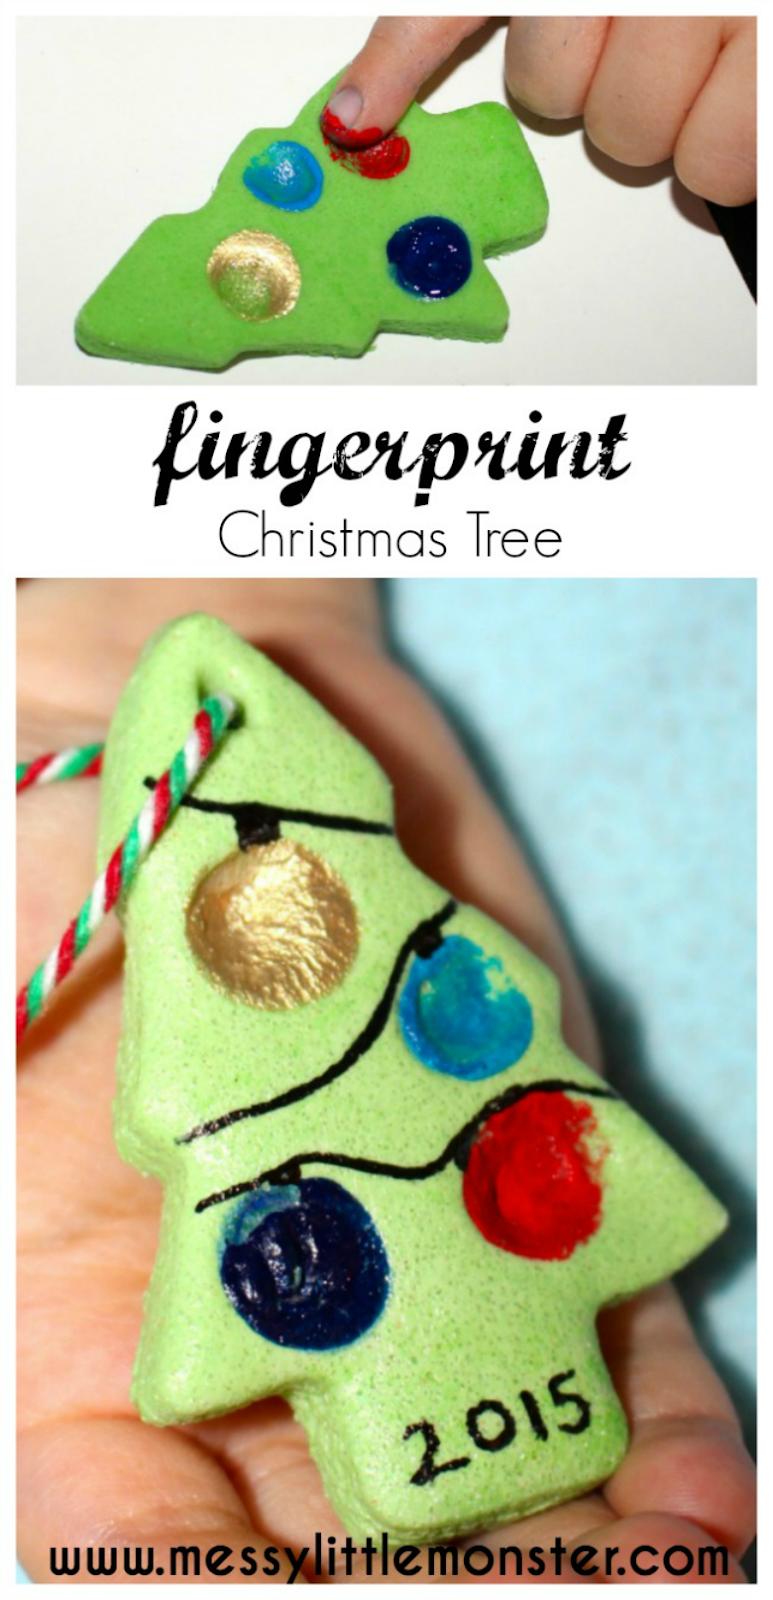 Fingerabdruck-Weihnachtsbaum - Salzteig-Verzierungs-Rezept